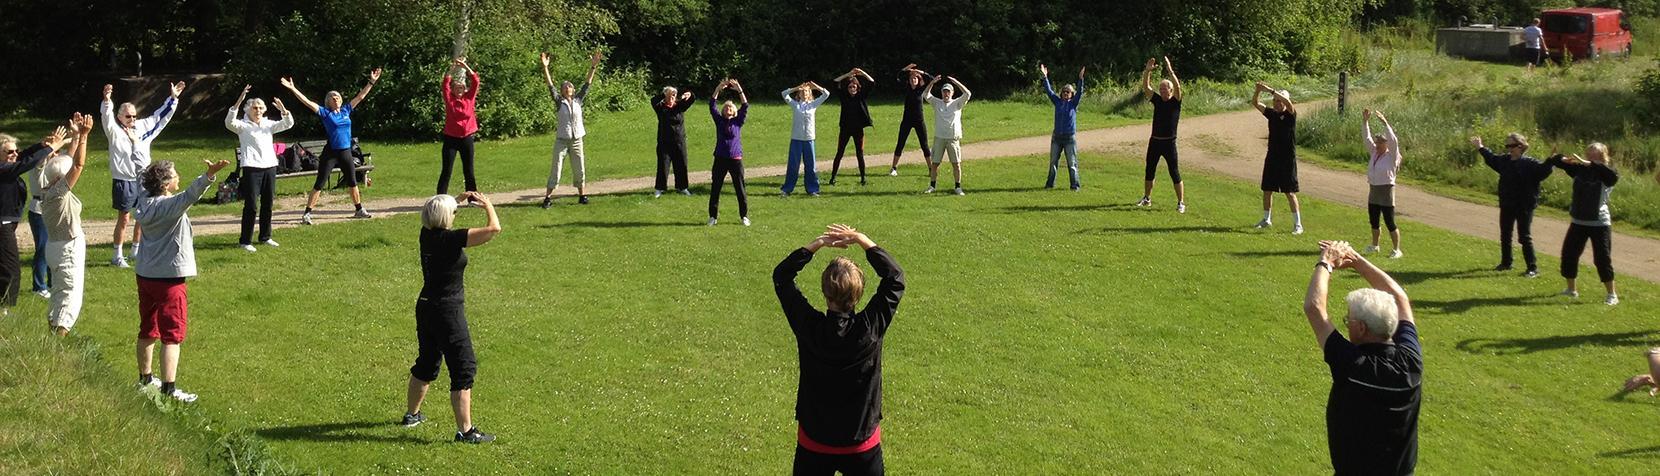 Billedet viser mennesker, der dyrker motion